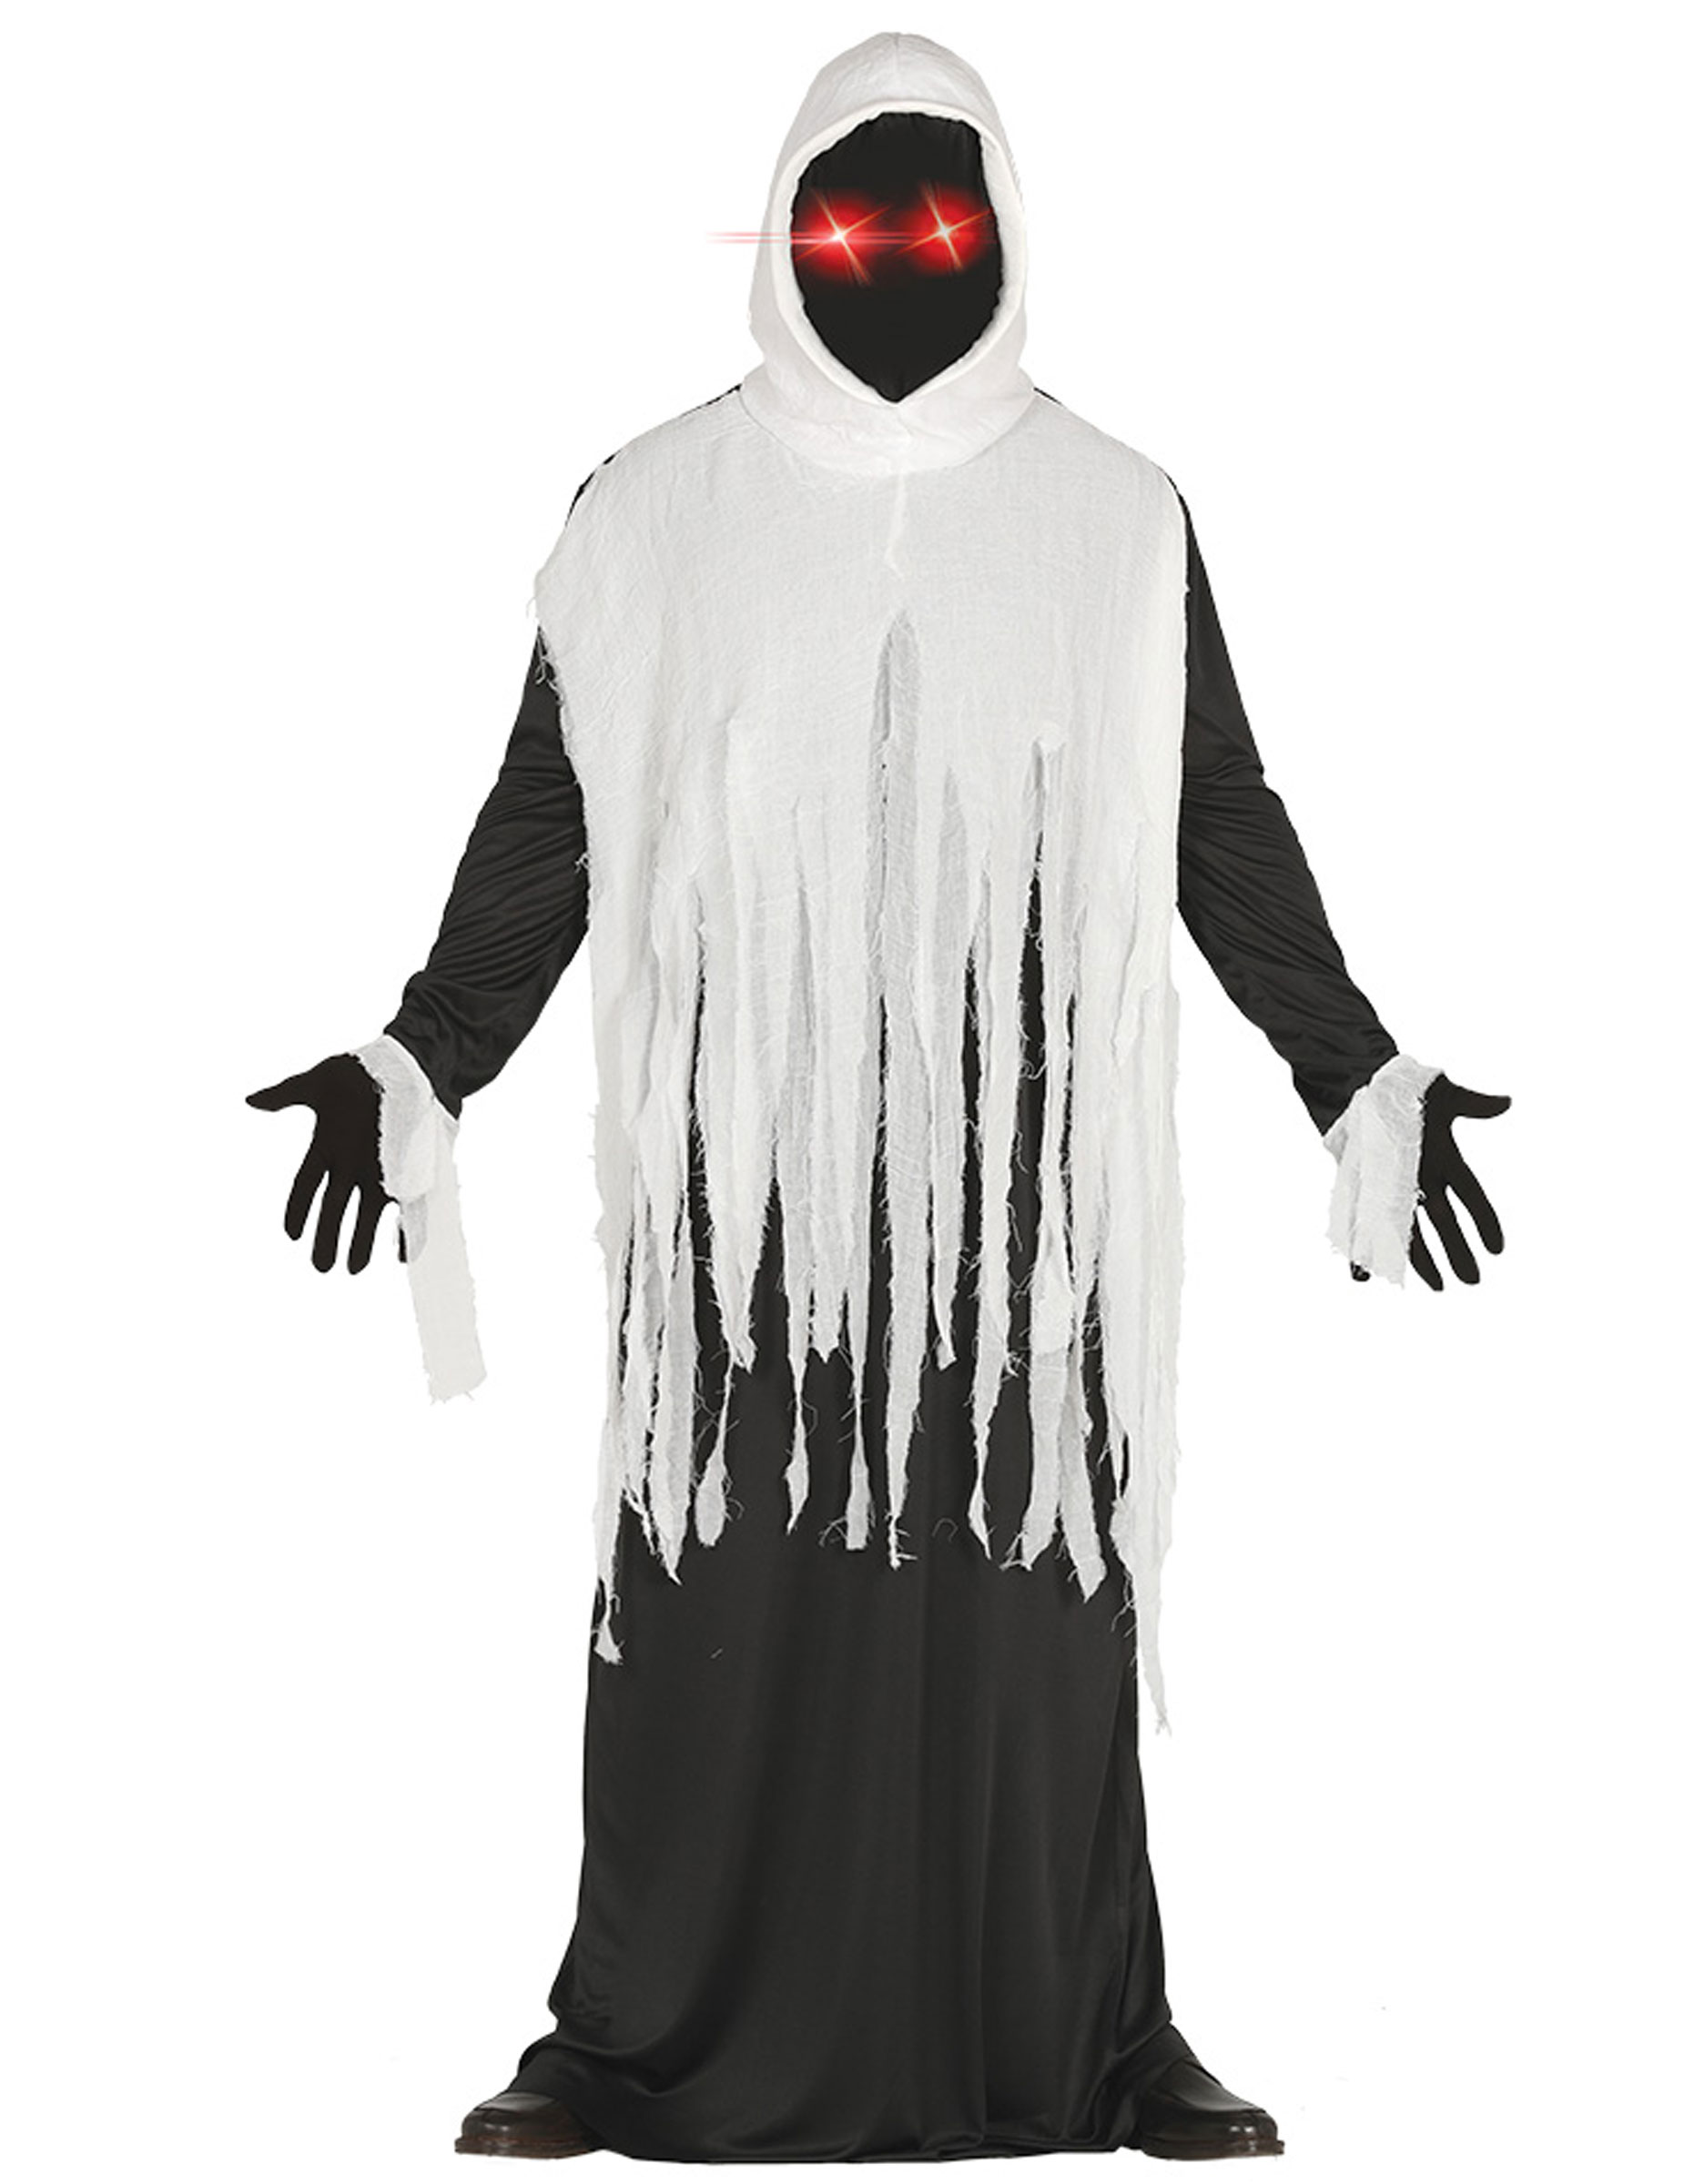 Preis vergleichen verkauf uk 100% Qualität Gespenster-Kostüm mit LED-Augen Halloween schwarz-weiß